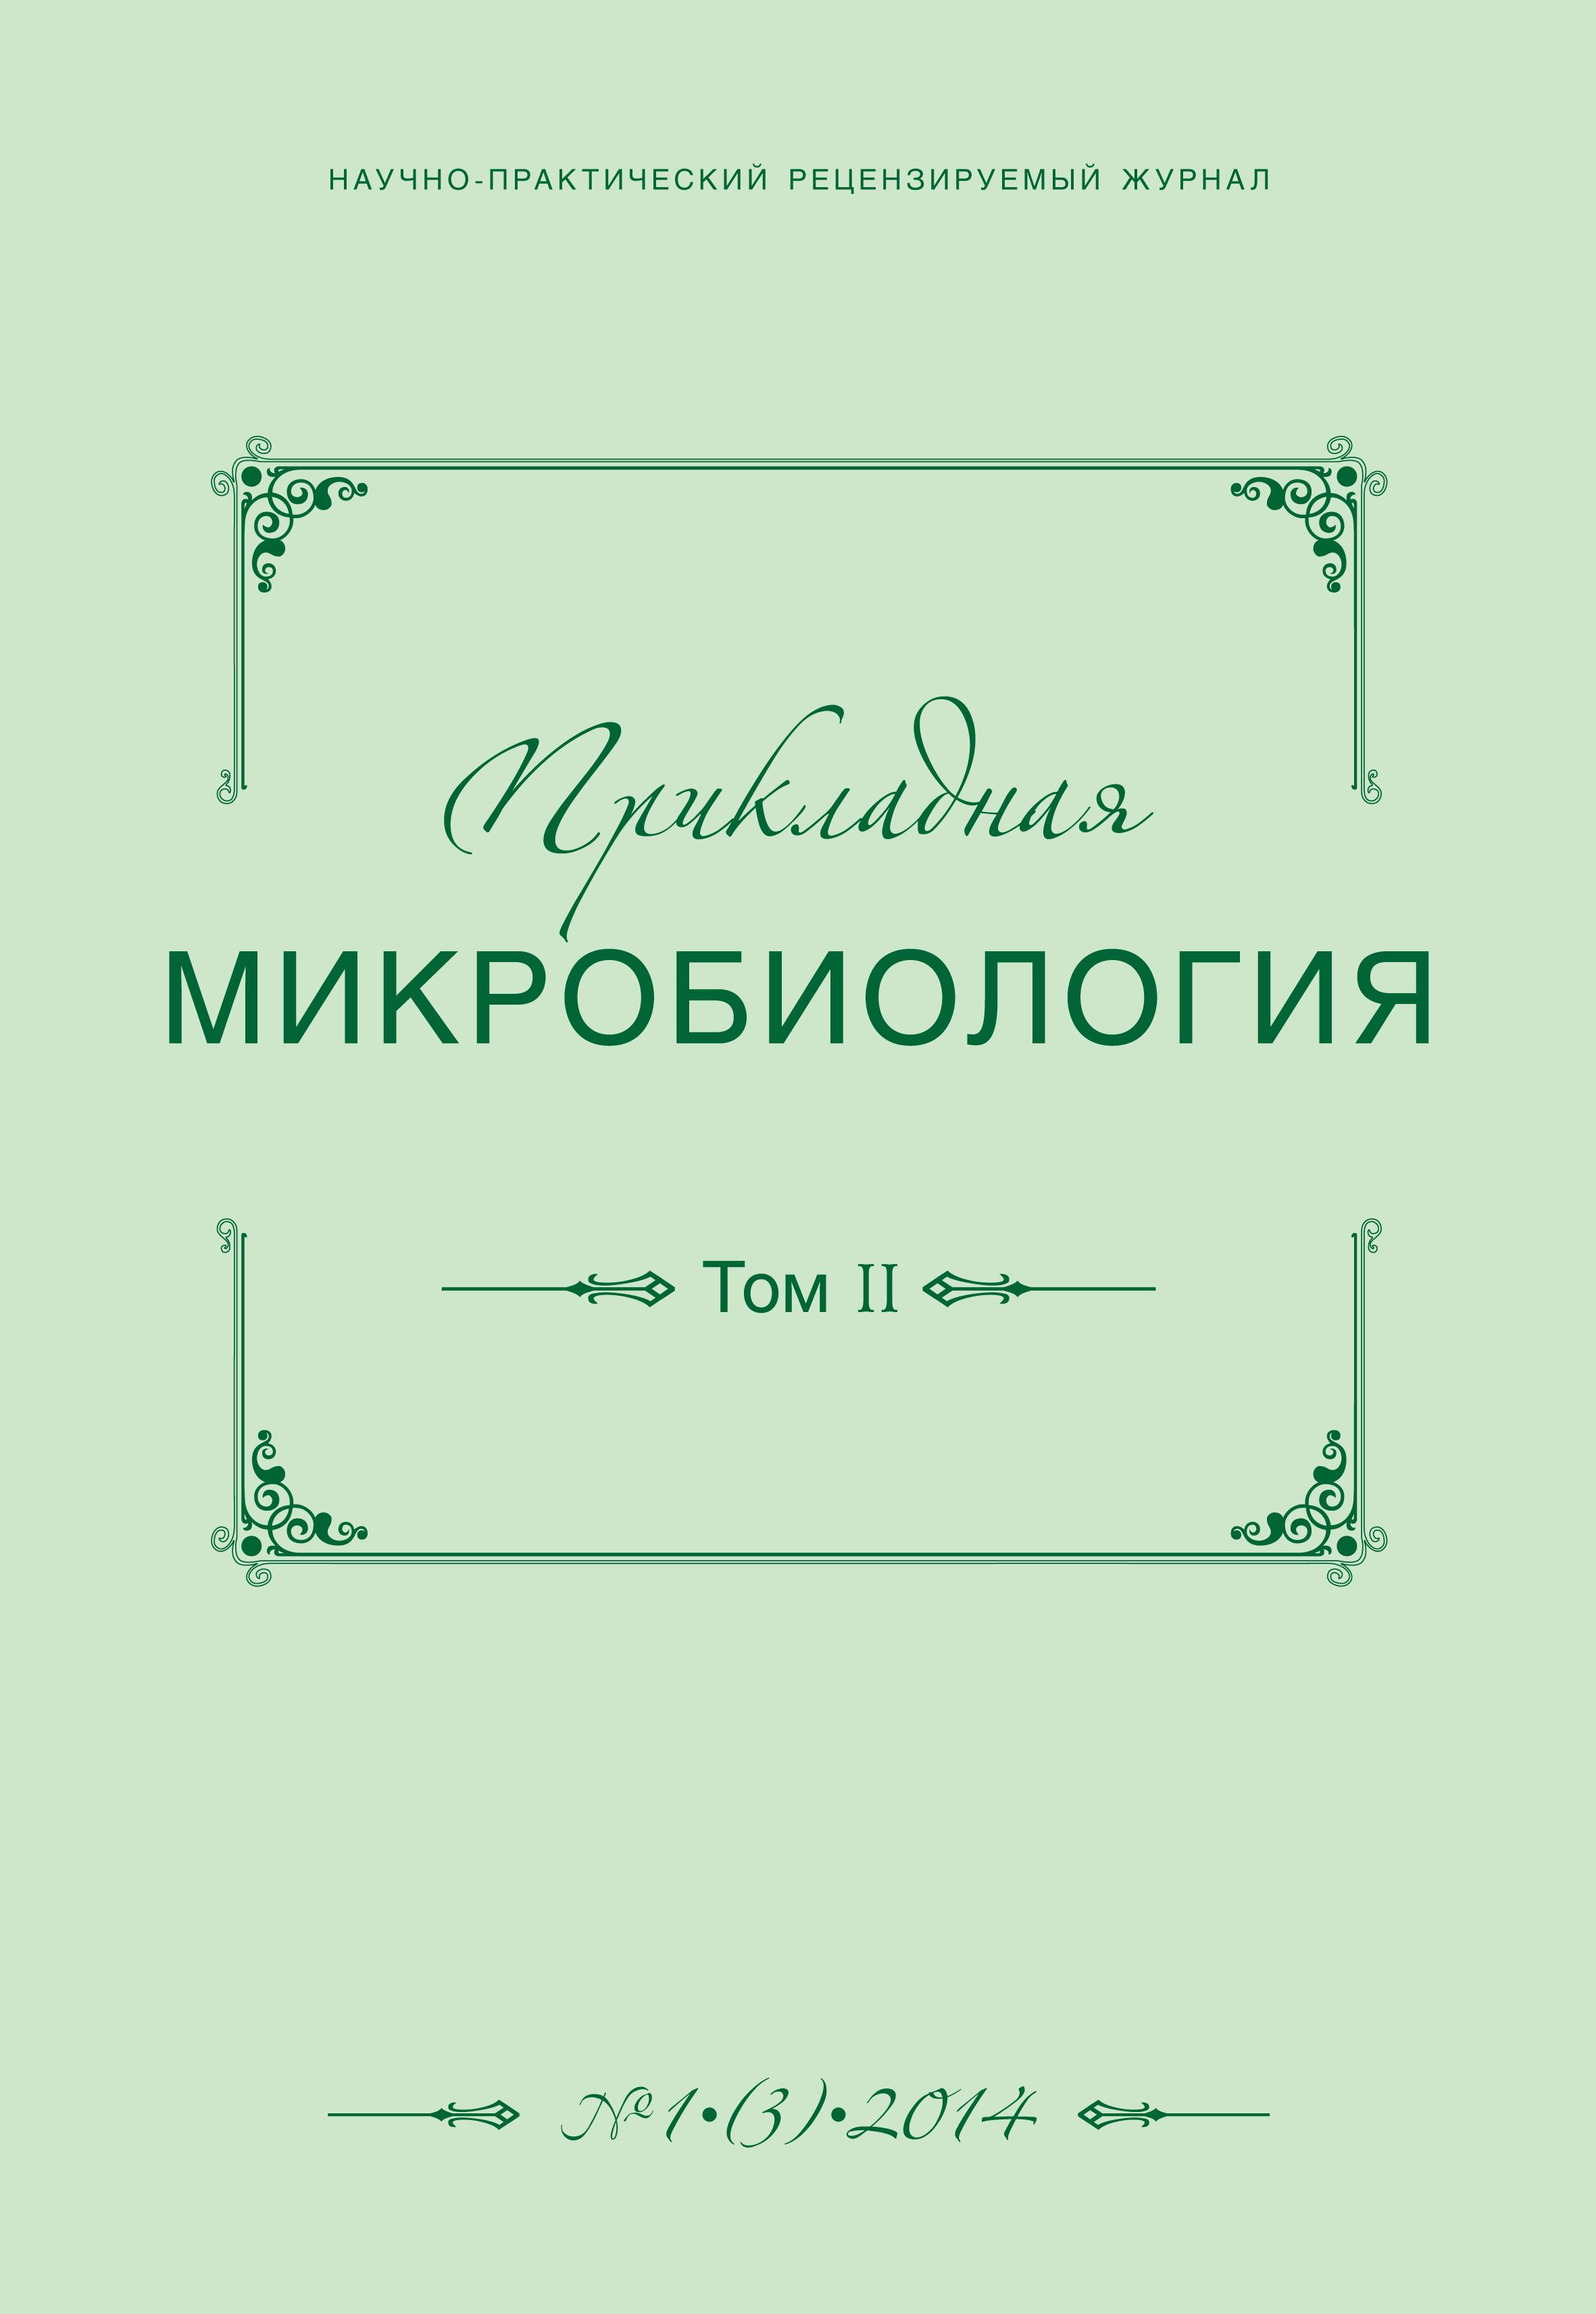 Отсутствует Прикладная микробиология №01 (03) 2014 сбойчаков в микробиология основы эпидемиологии и методы микробиологических исследований учебник isbn 9785299007459